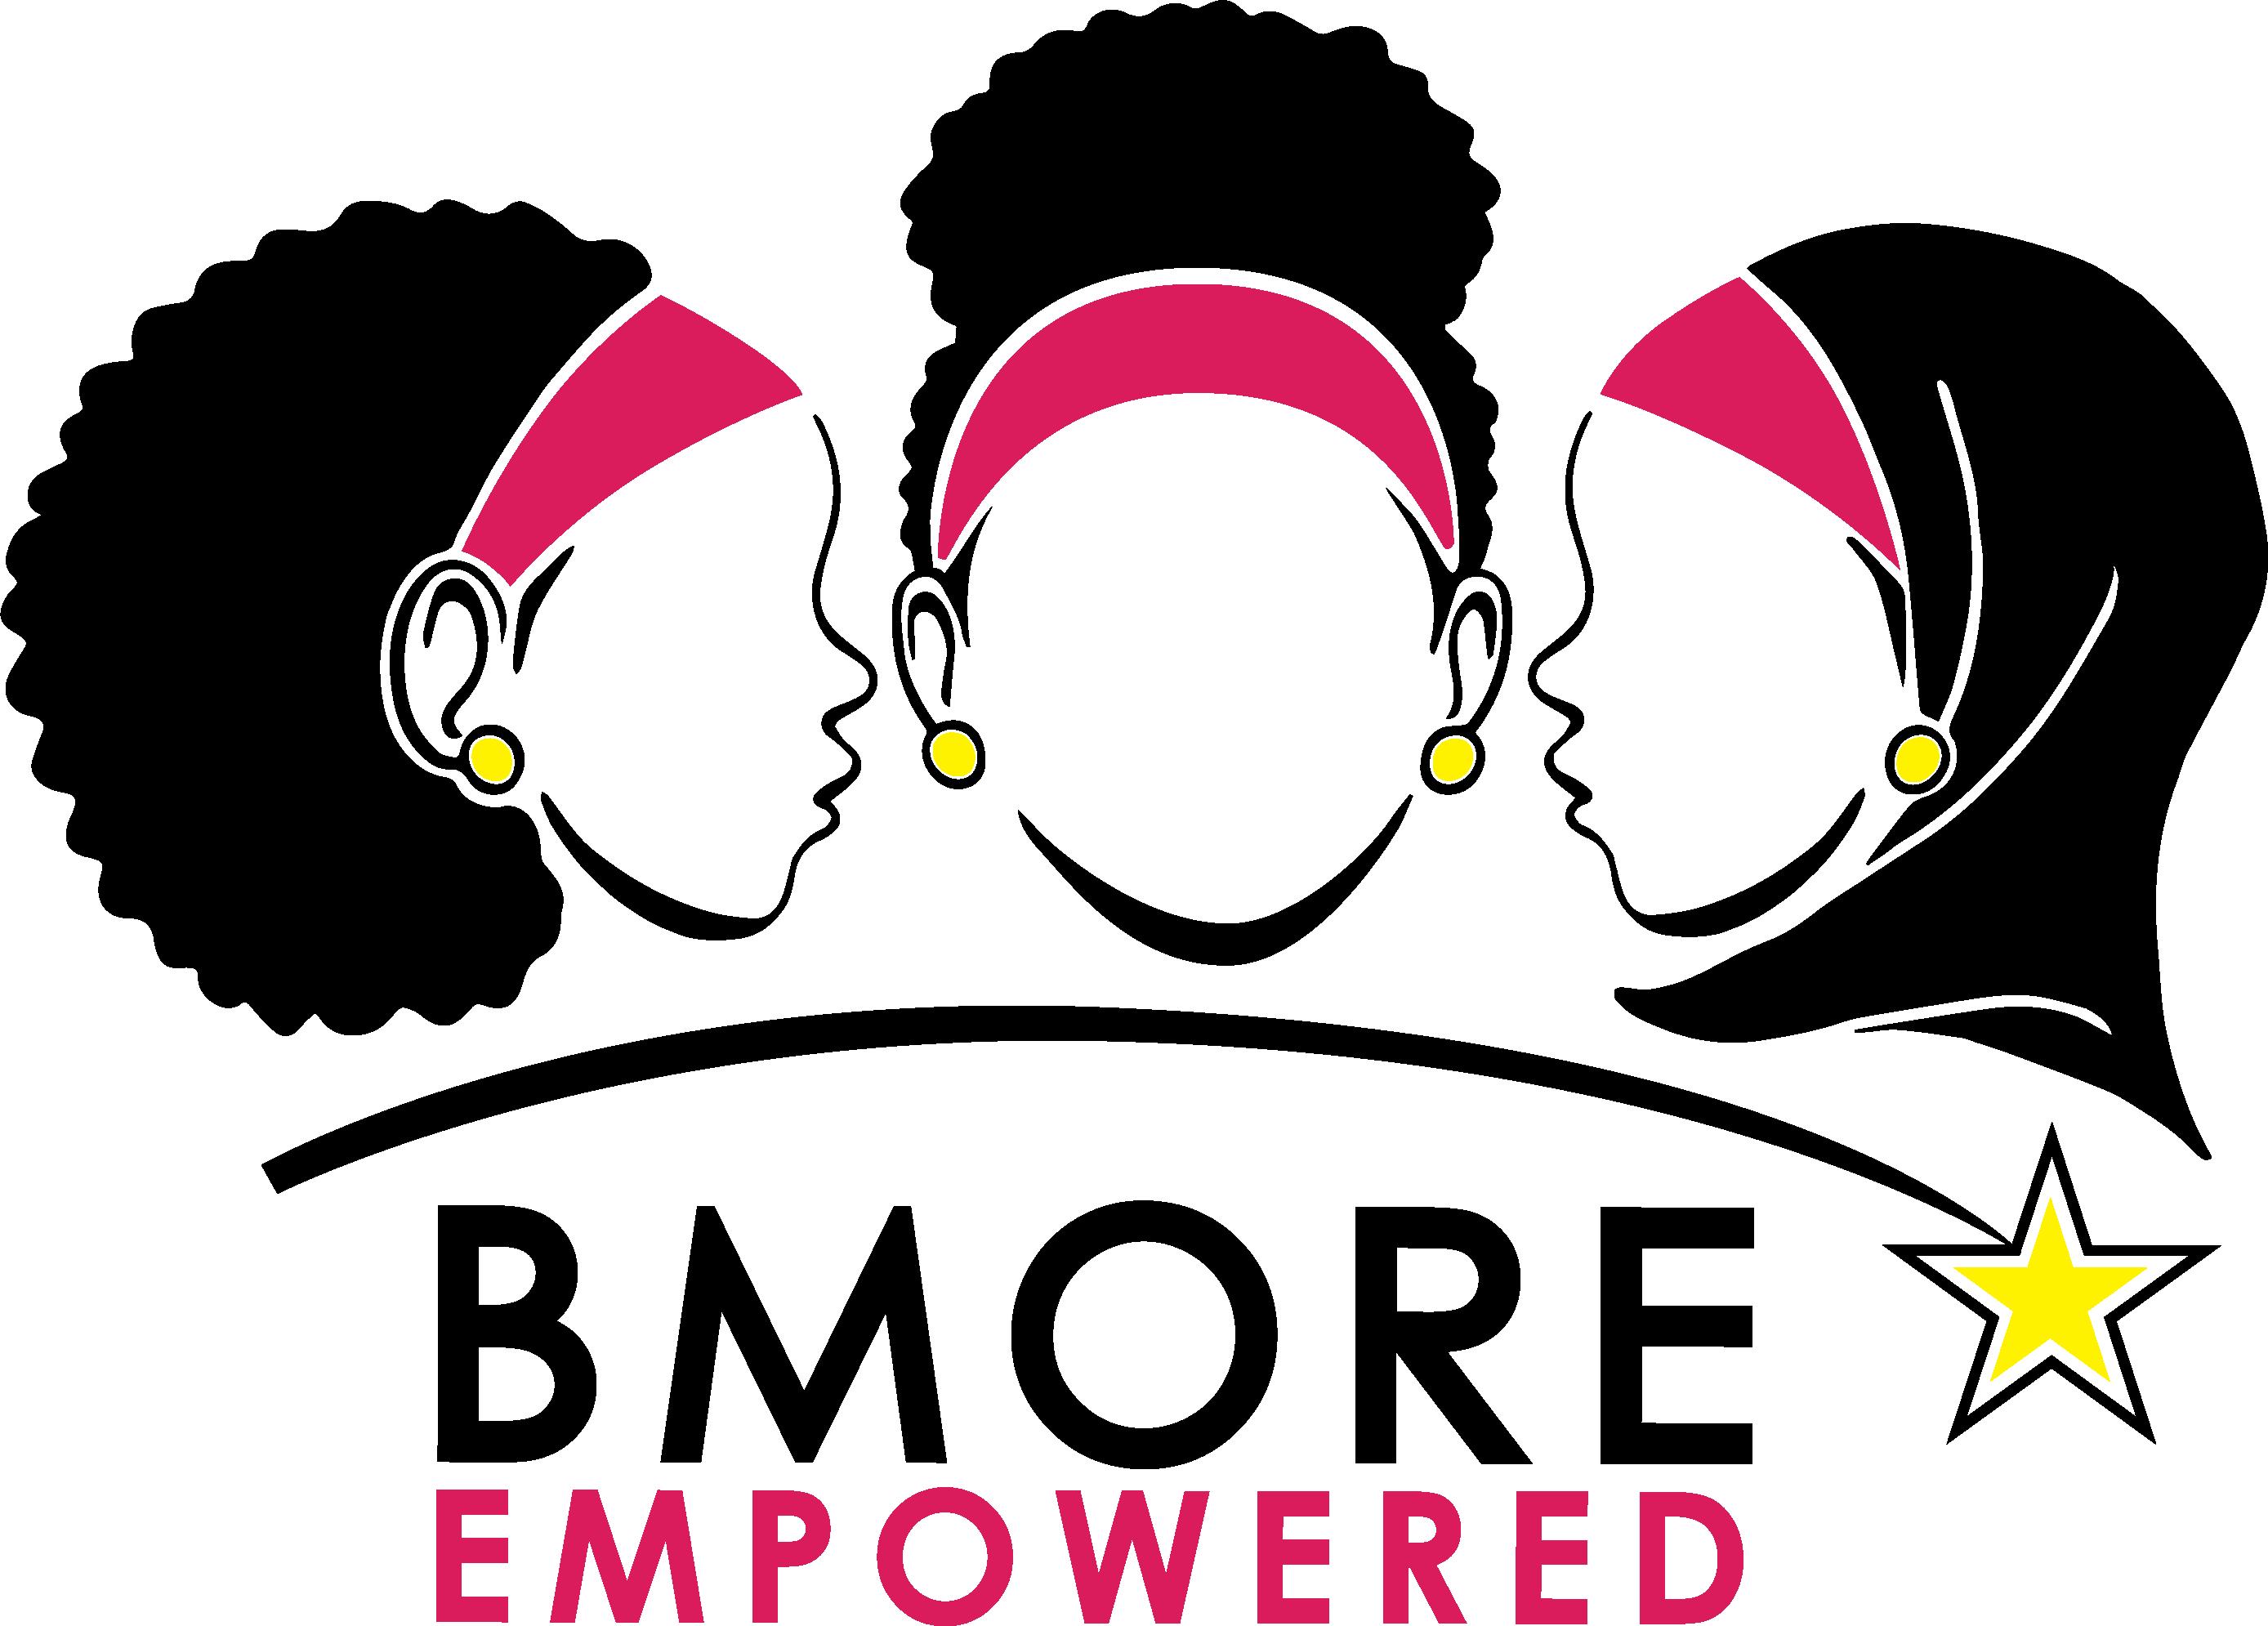 Bmore Empowered